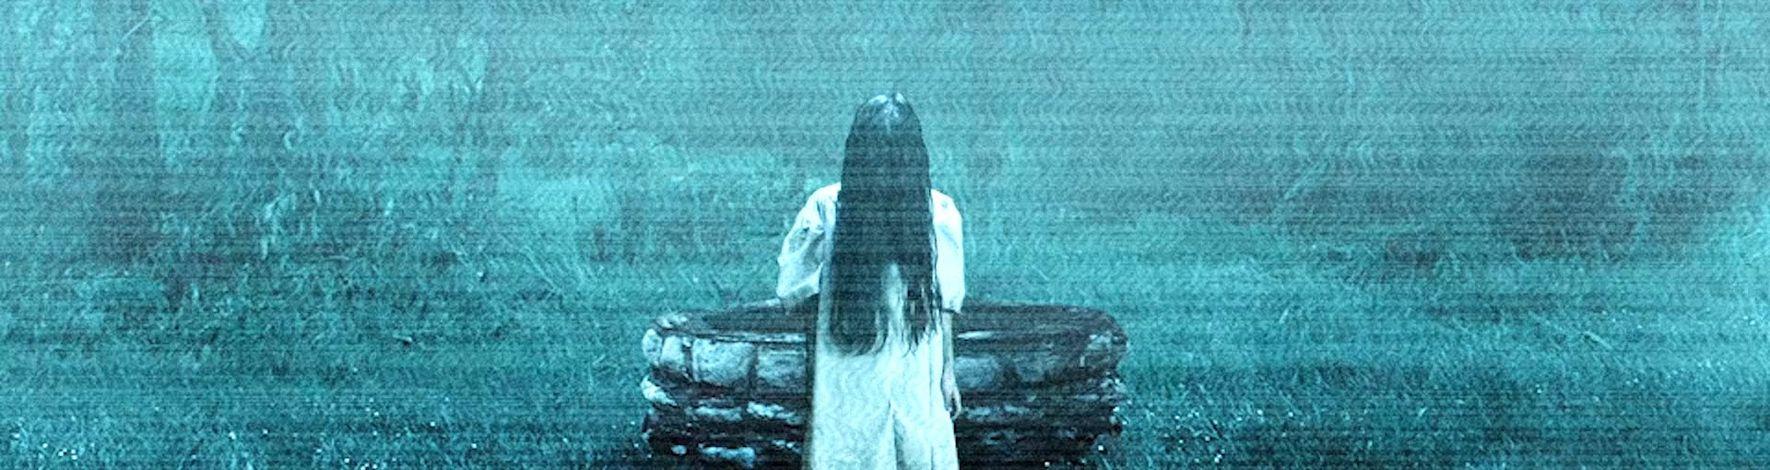 10 remakes de filmes de terror orientais pra você nunca mais dormir tranquilo